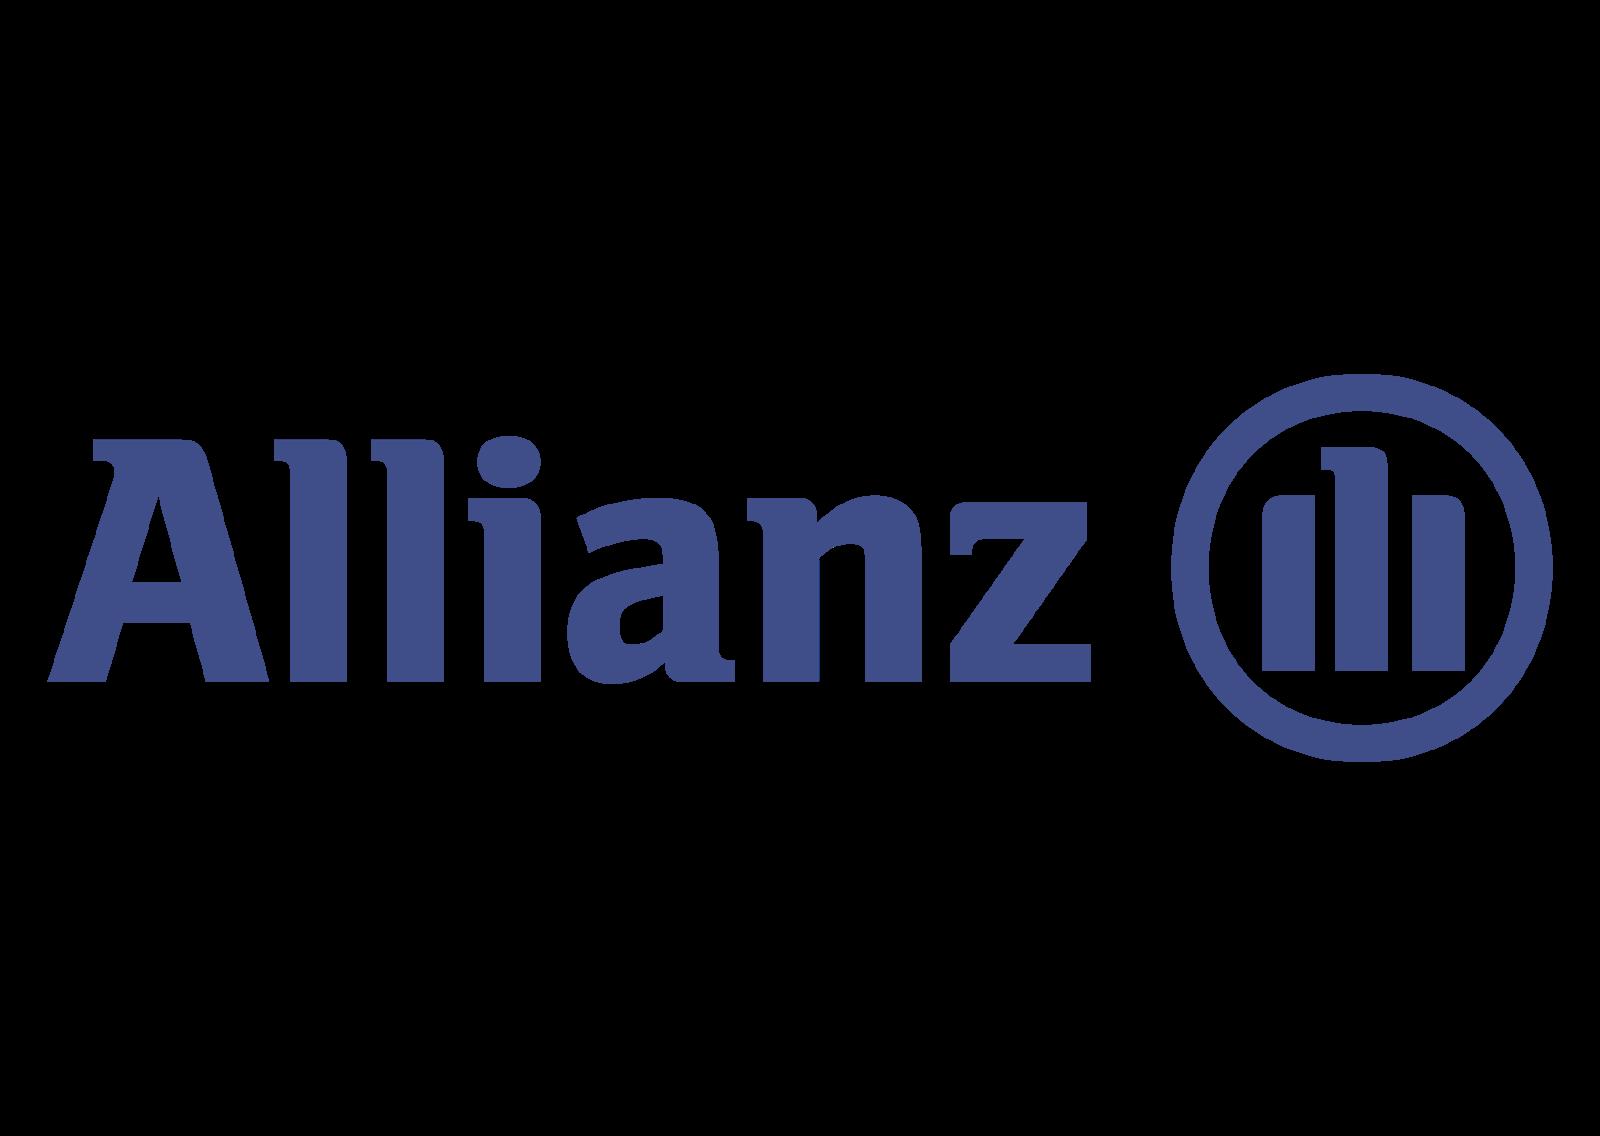 Allianz Logo Vector Financial Services Company Logo S